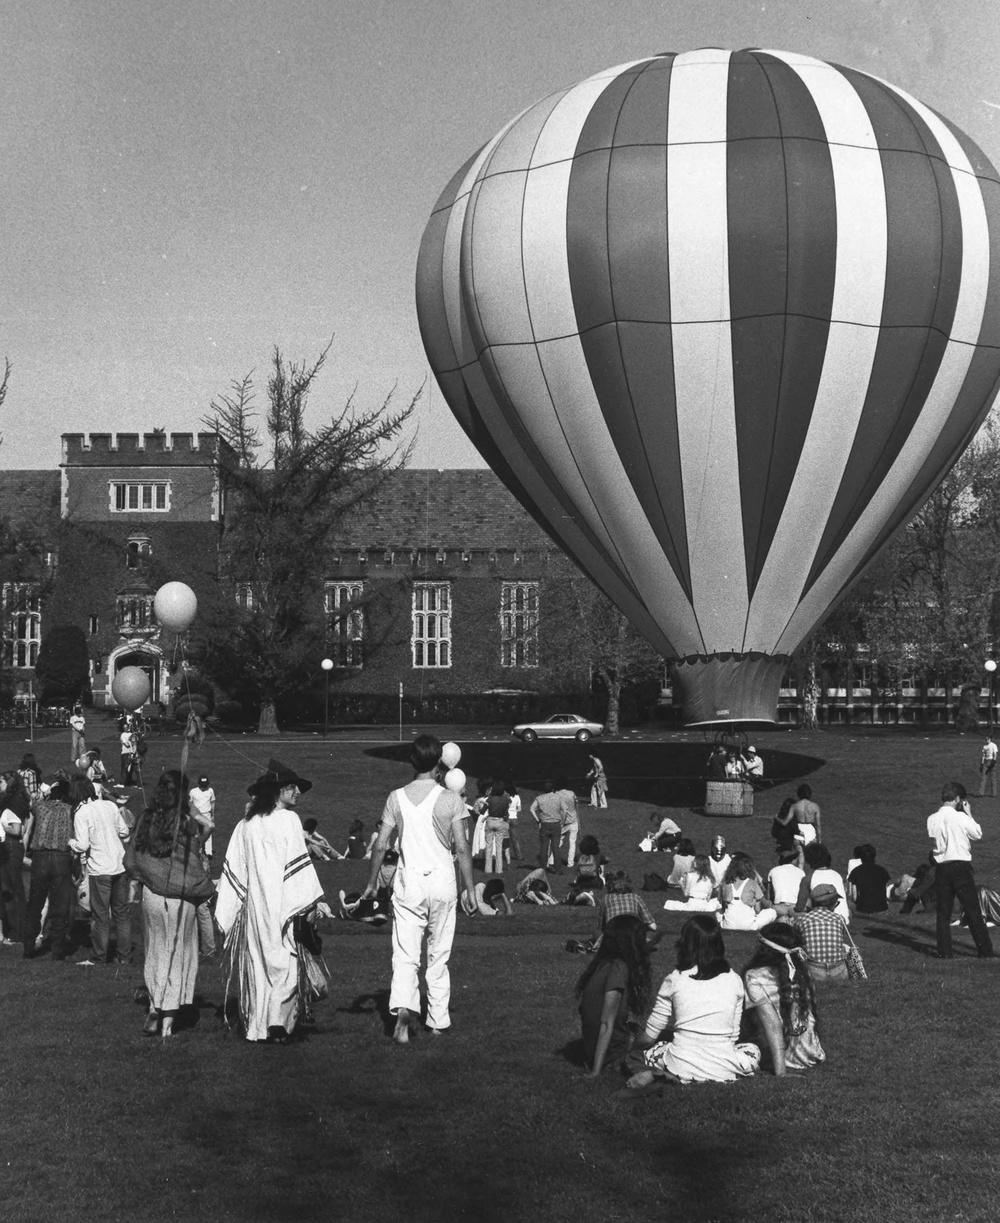 reedhisttxt-hotair-balloon-at-renn-fayre-1984.jpg